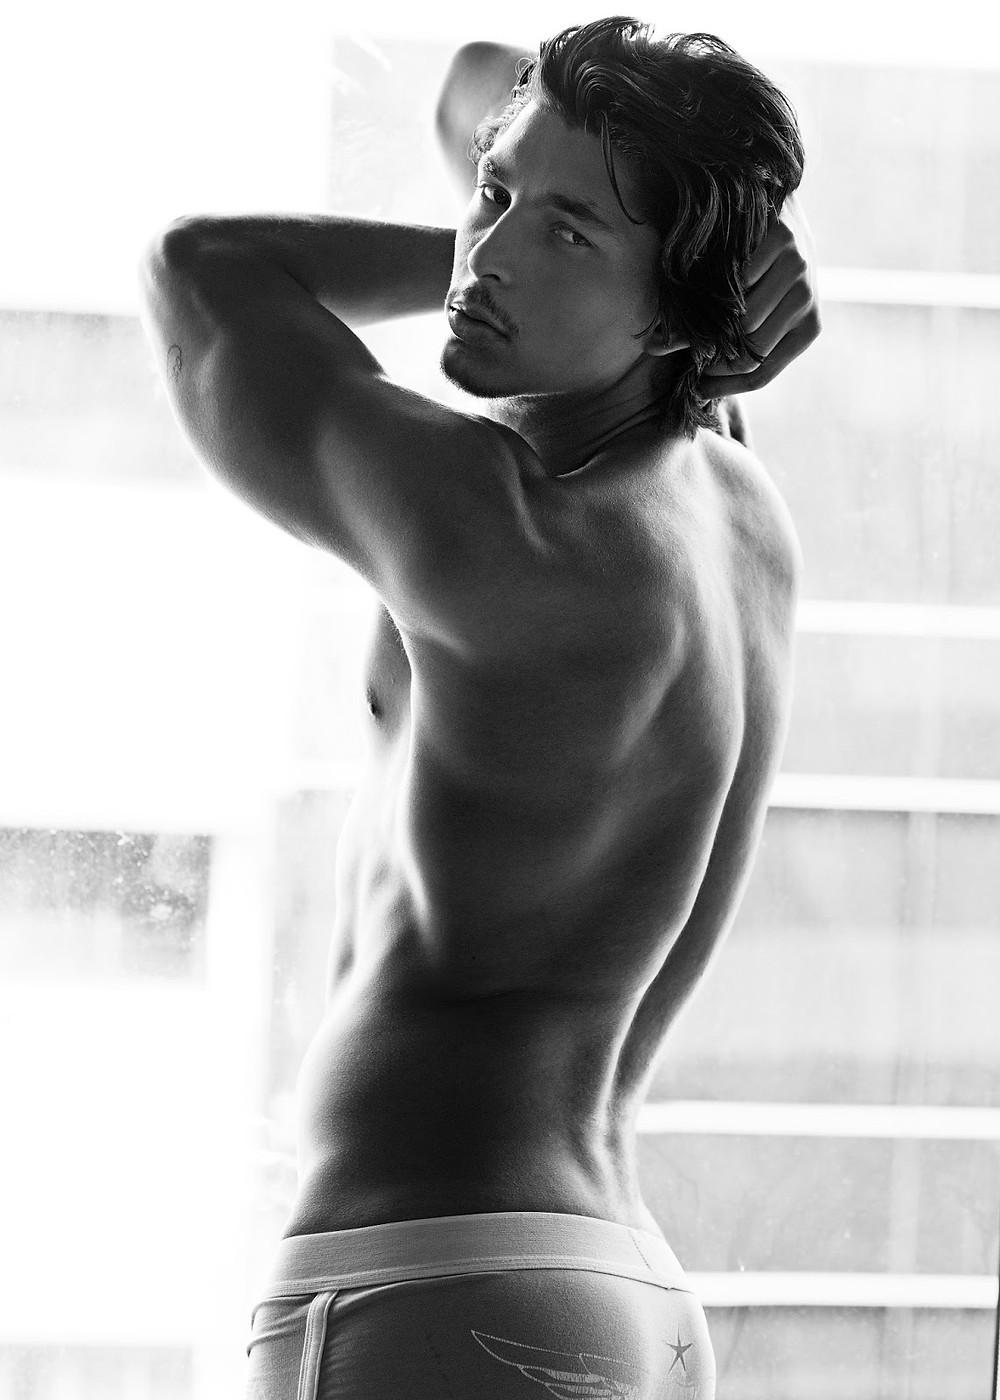 via PEAK Model Agency